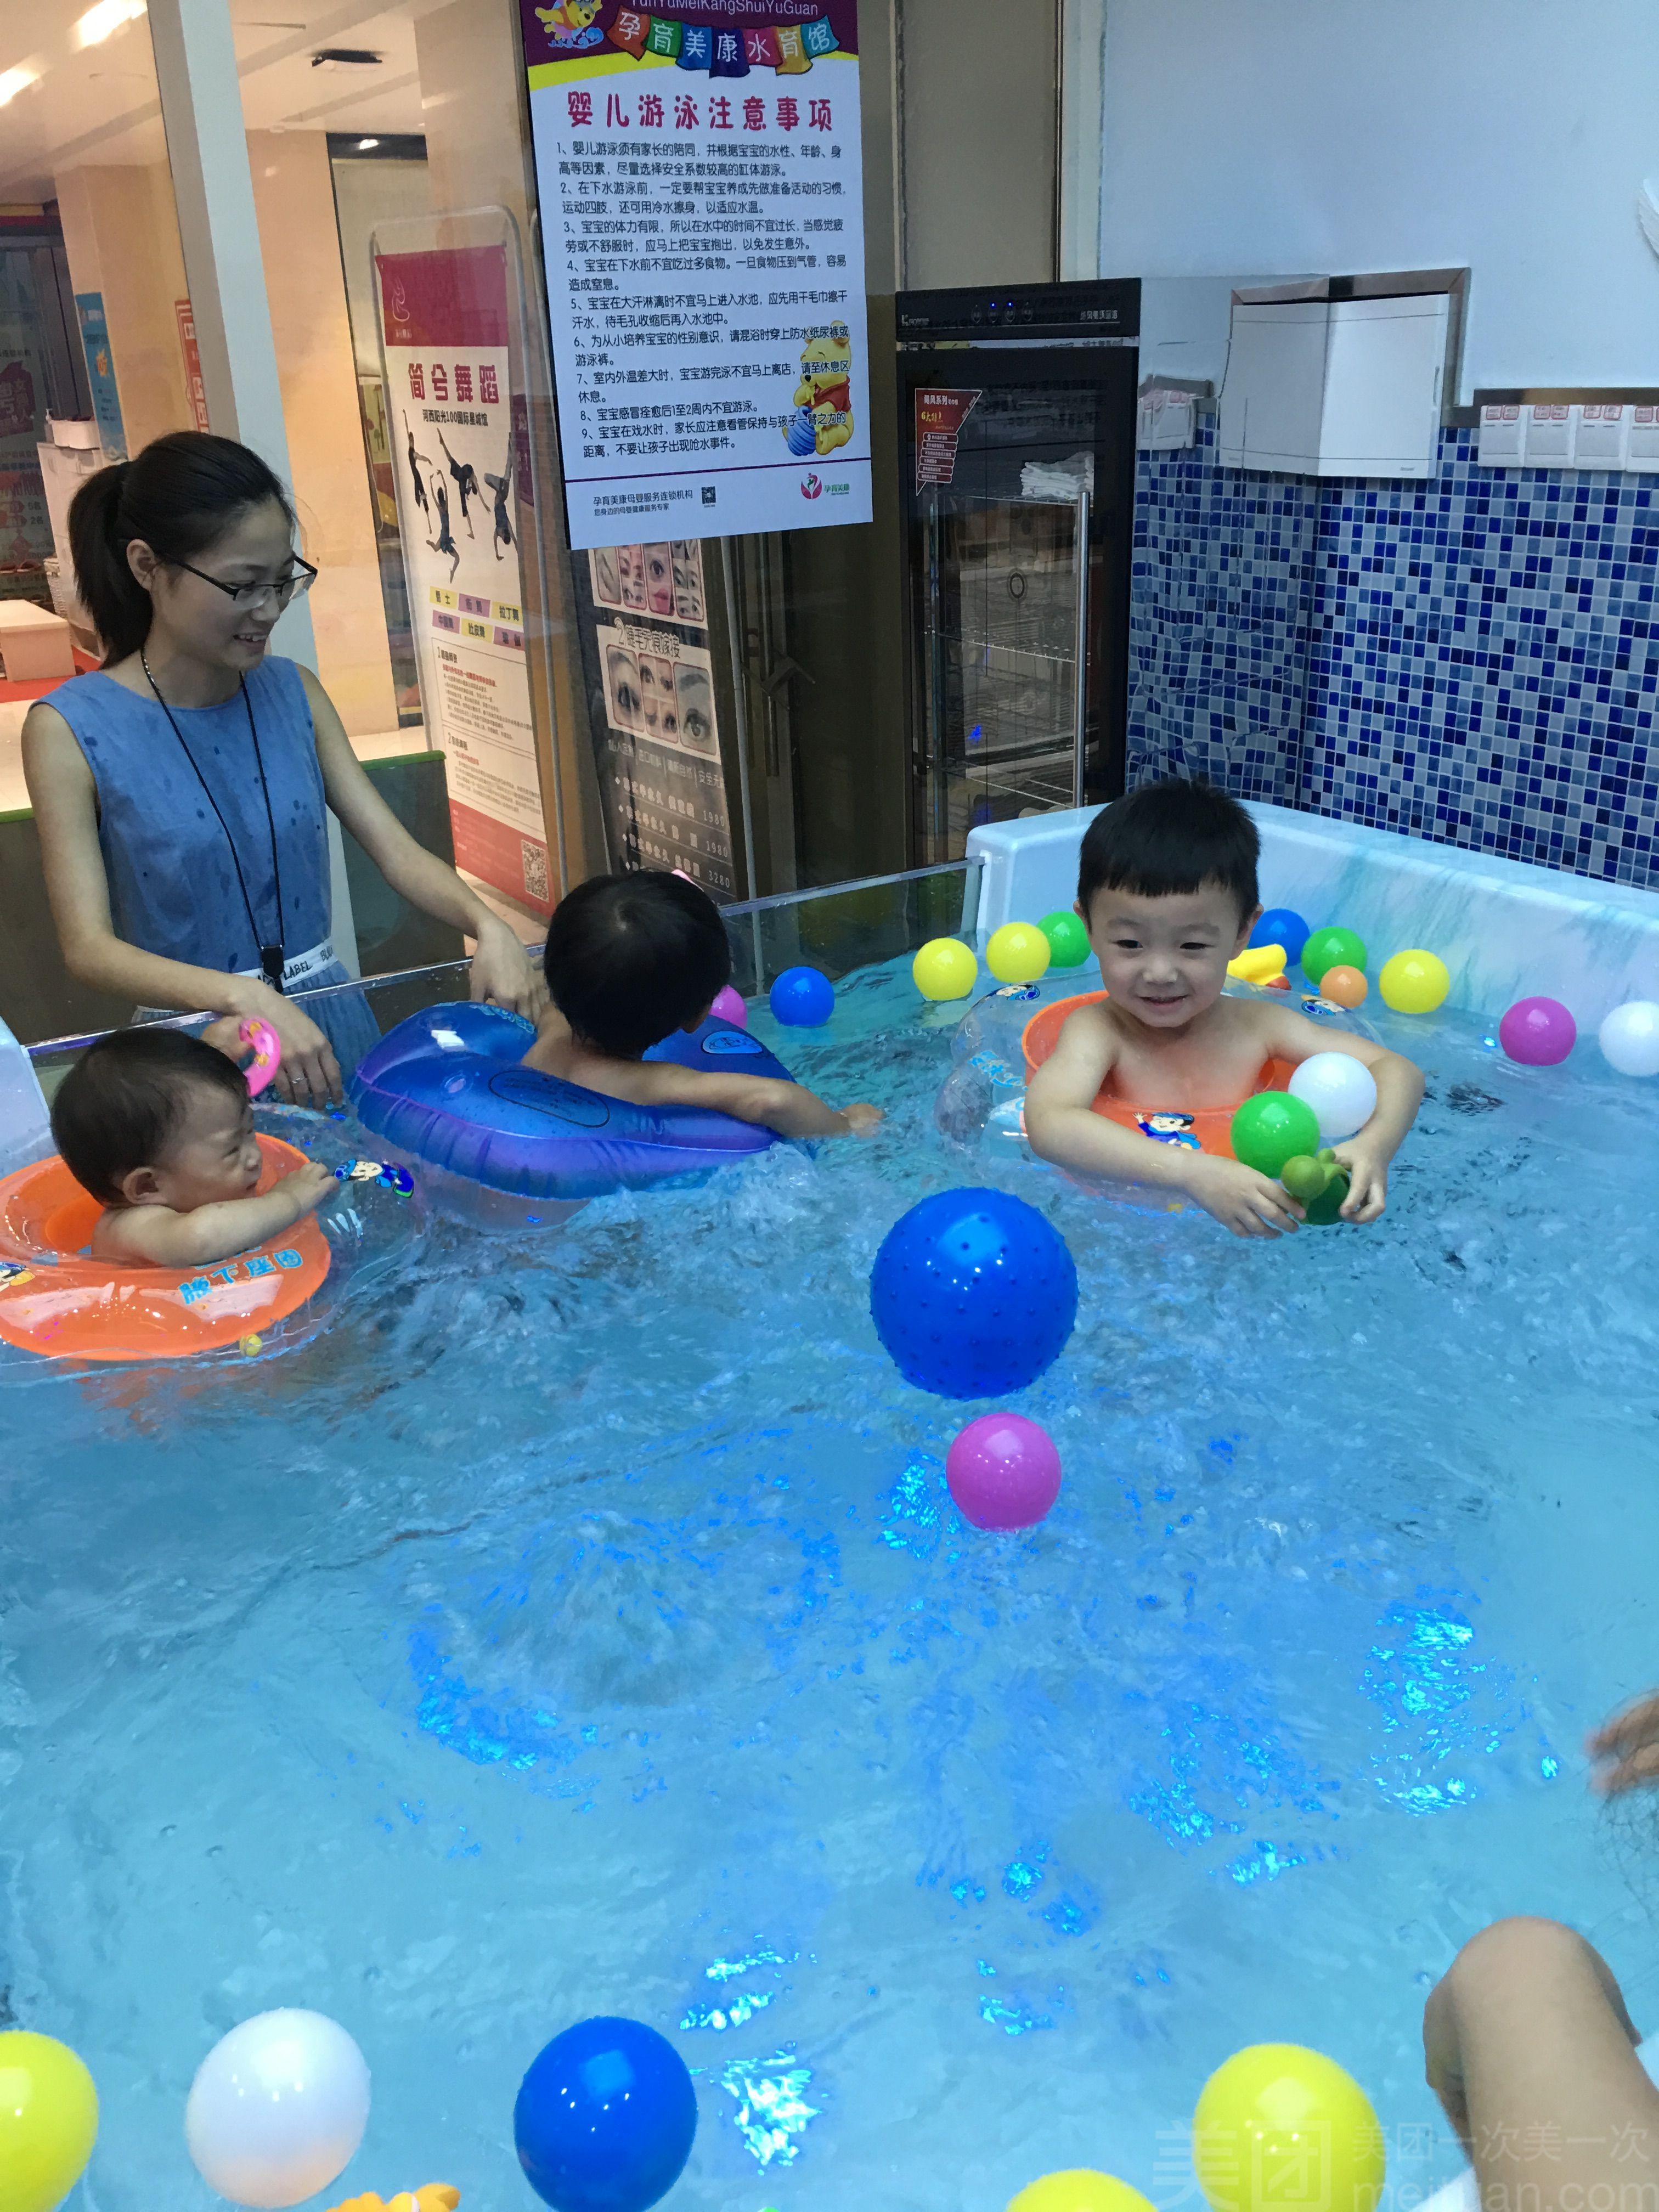 :长沙今日团购:【孕育美康婴幼儿游泳馆】0—3岁婴幼儿游泳全套服务